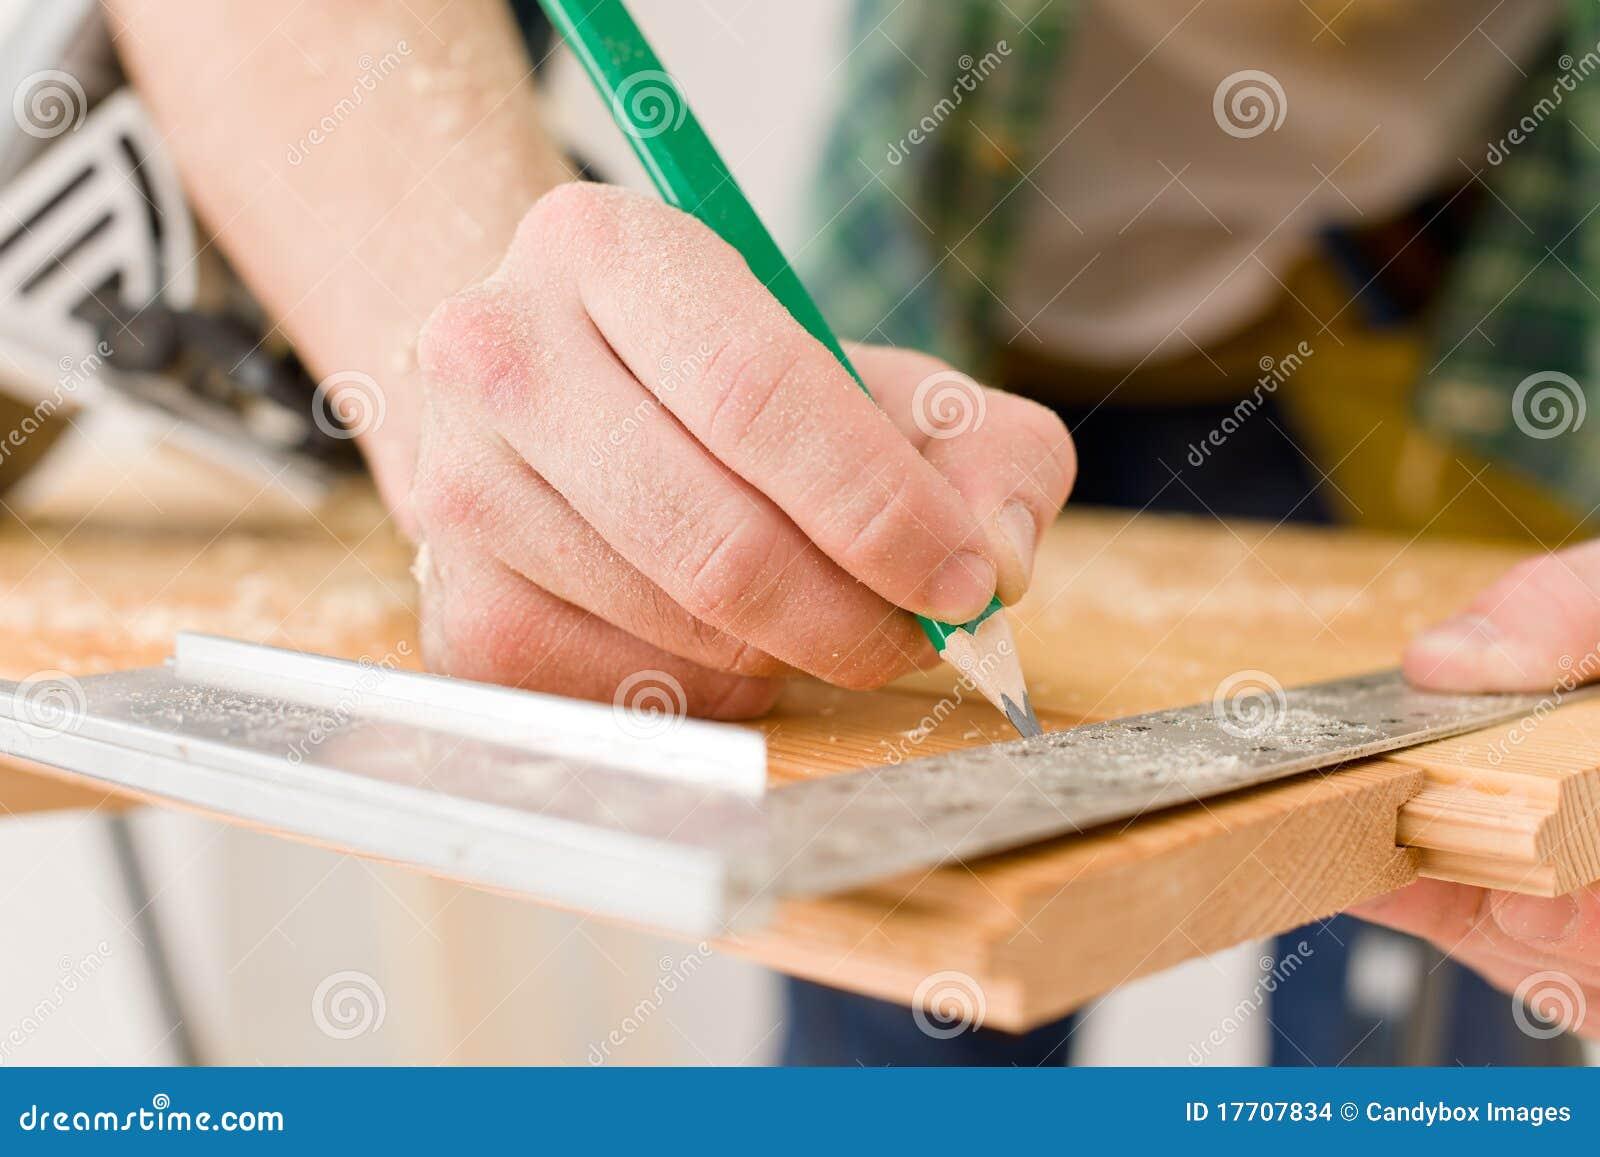 De verbetering van het huis - het manusje van alles bereidt houten vloer voor